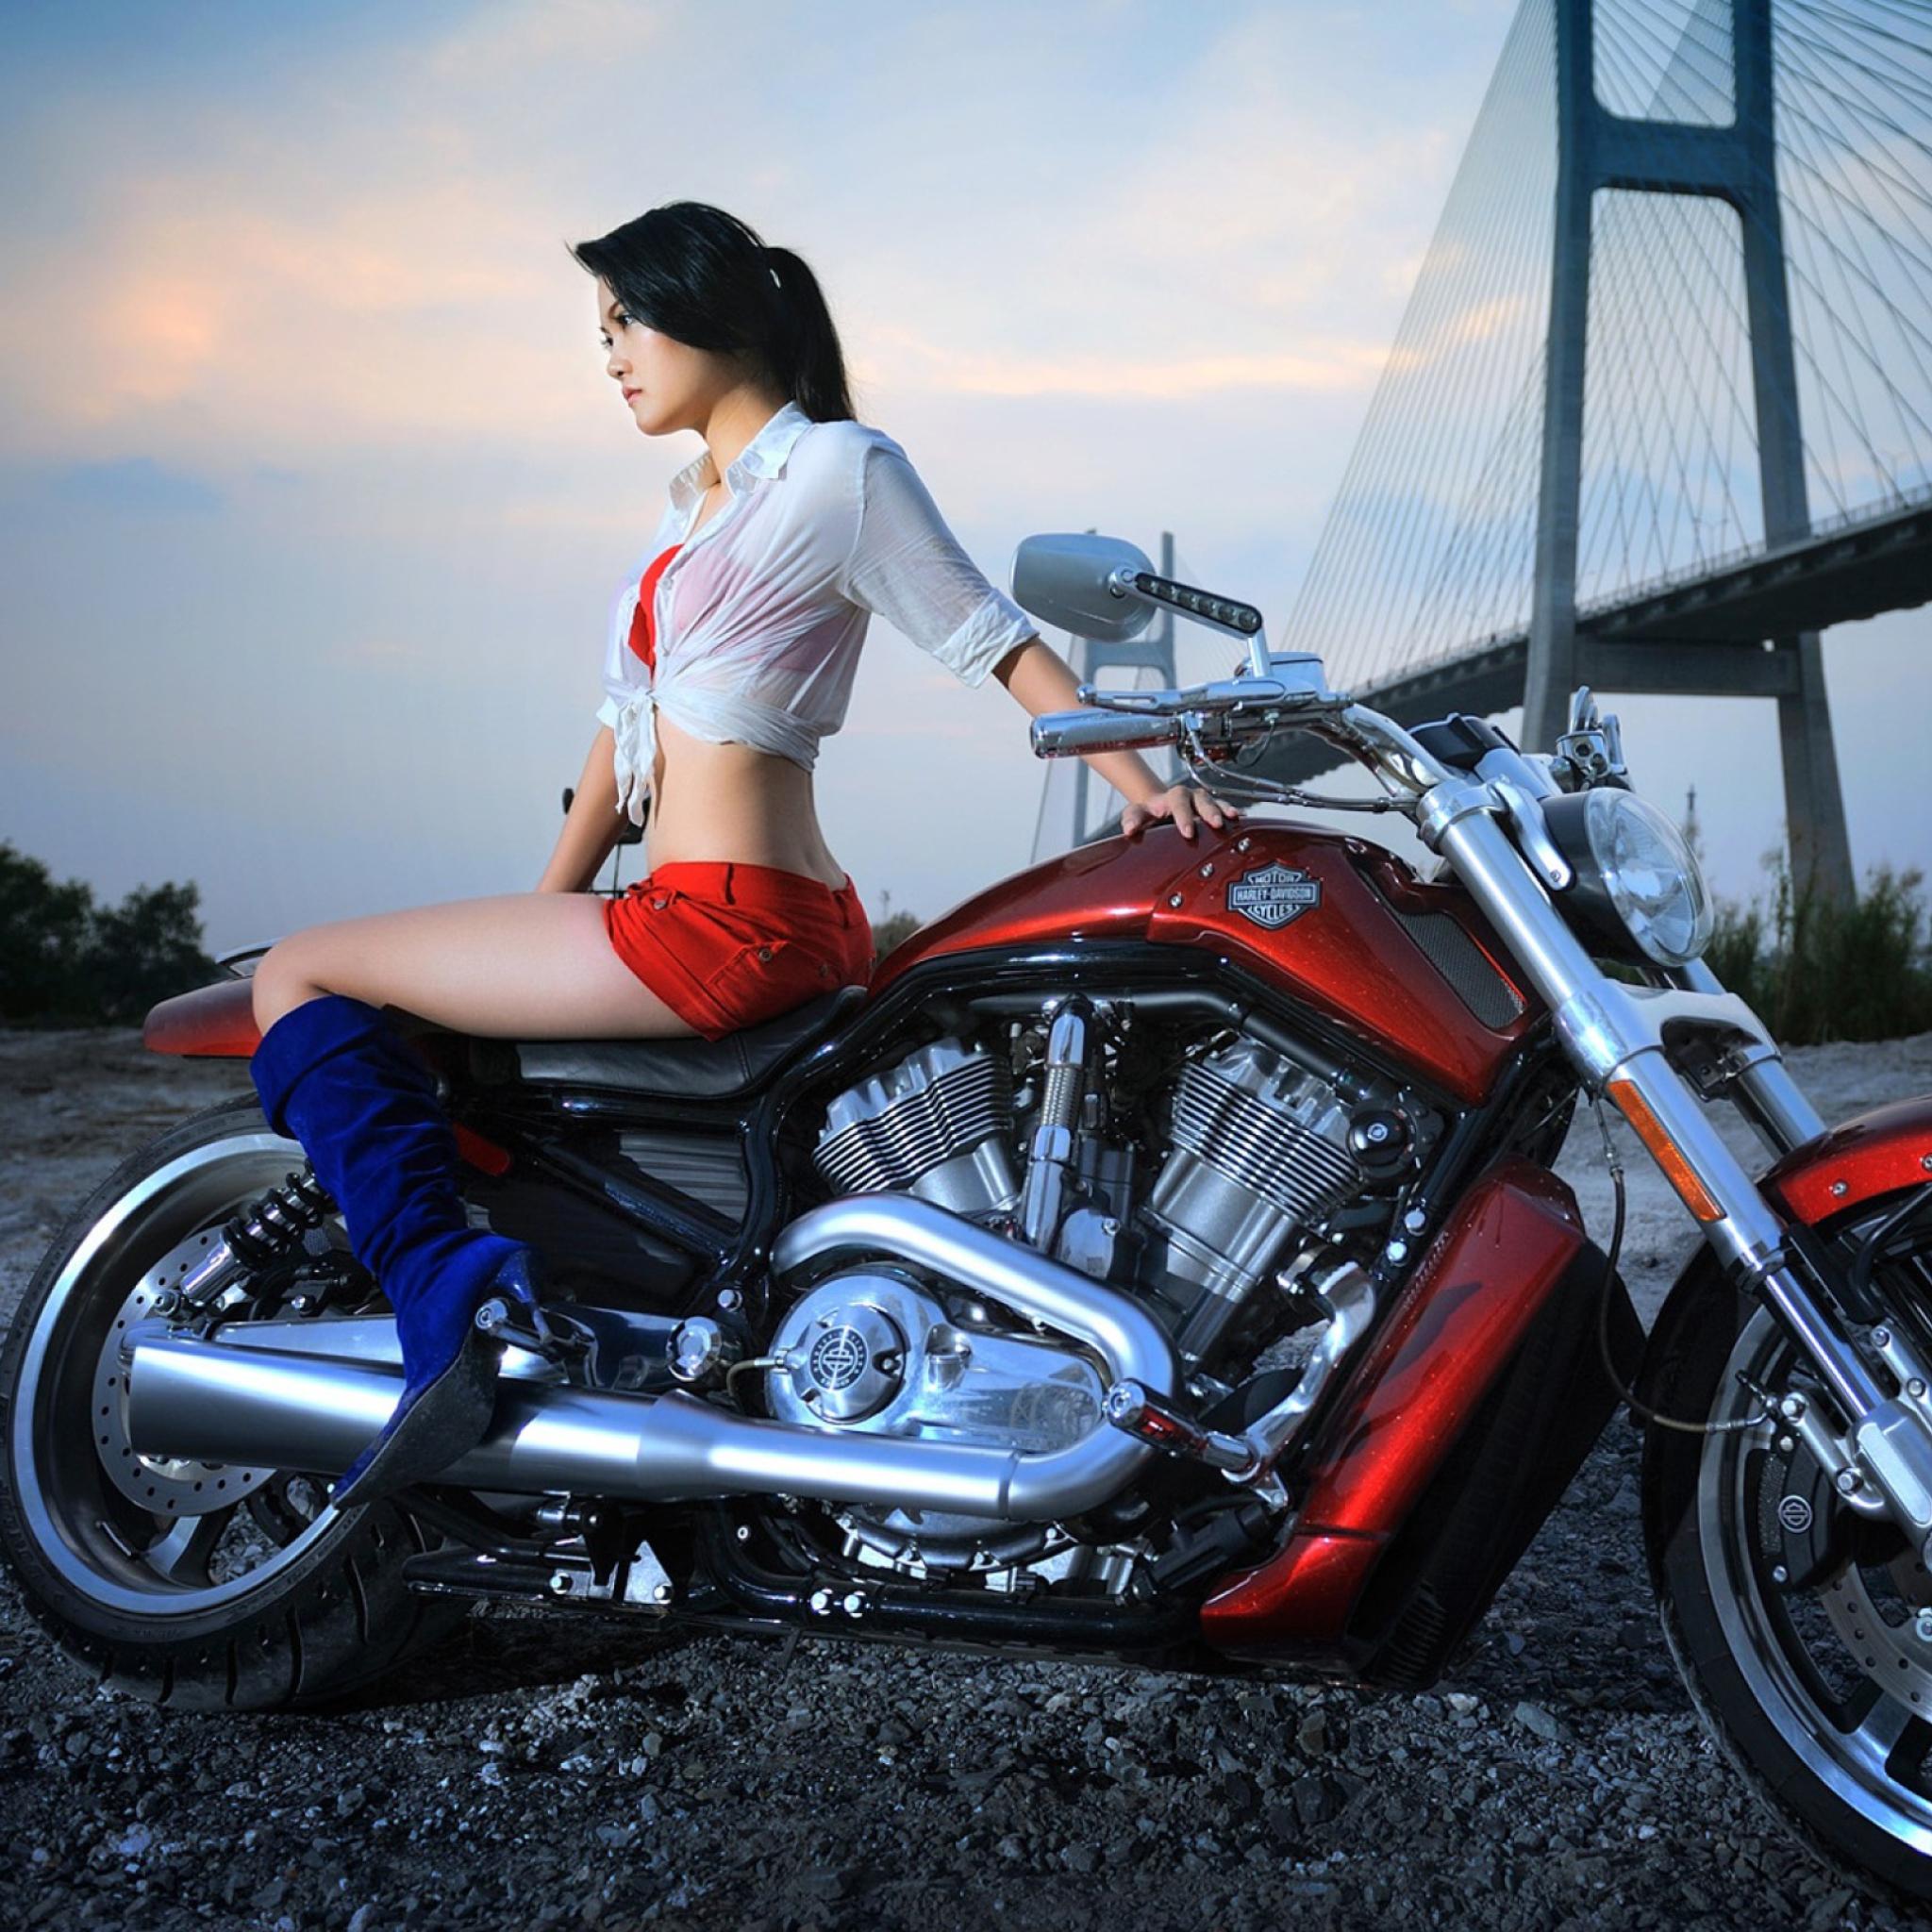 мотоцикл снег красный  № 778087 загрузить